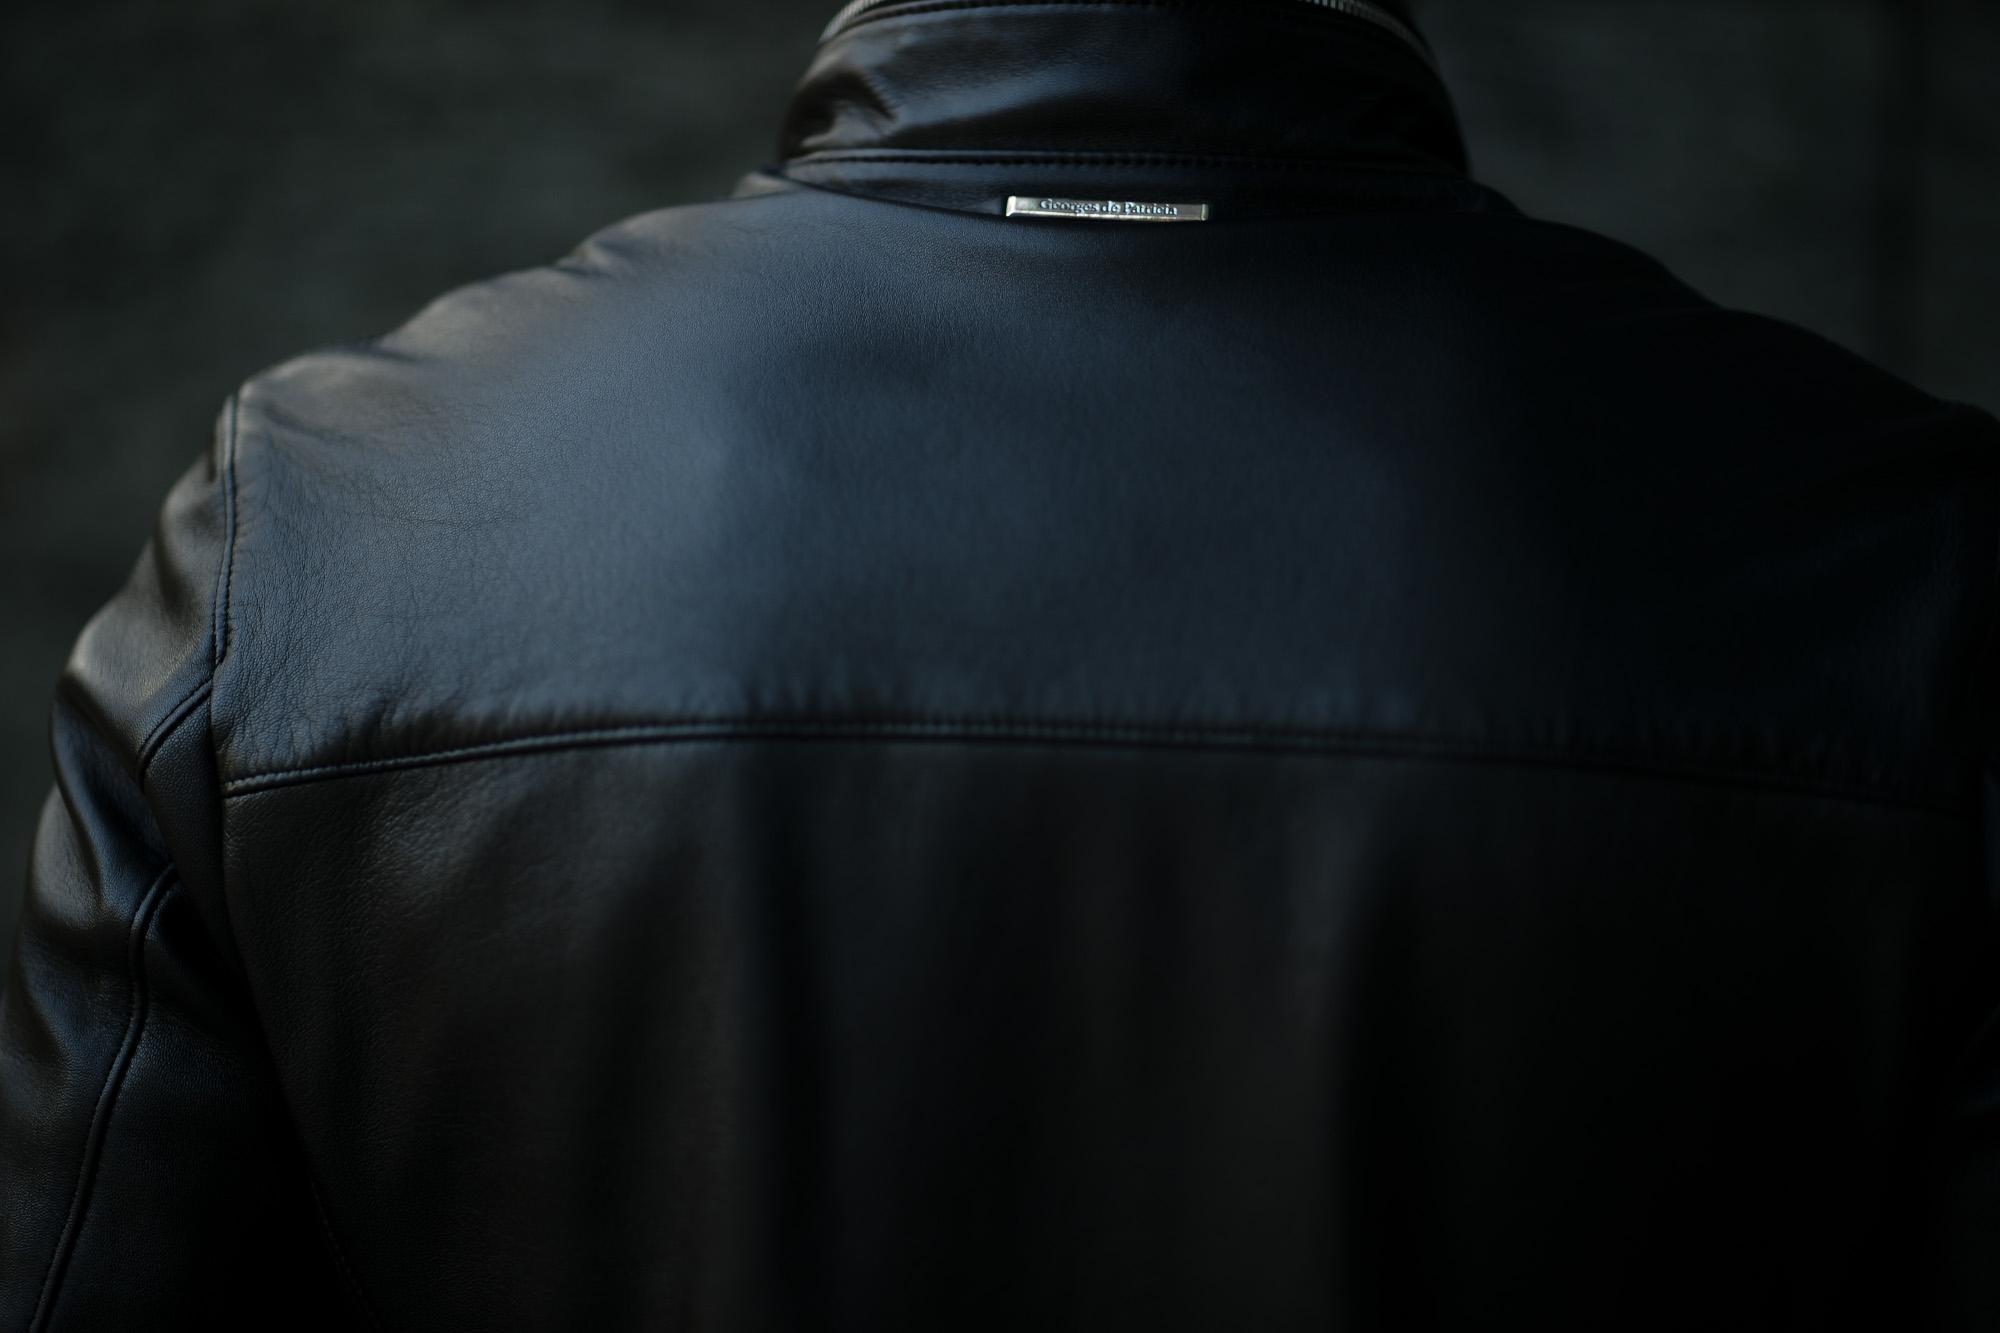 Georges de Patricia (ジョルジュ ド パトリシア) Huracan(ウラカン) 925 STERLING SILVER (925 スターリングシルバー) Super Soft Sheepskin ダブル ライダース ジャケット NOIR (ブラック) 2020 georgesdepatricia 愛知 名古屋 altoediritto アルトエデリット ロールスロイス ロールス Rolls-Royc